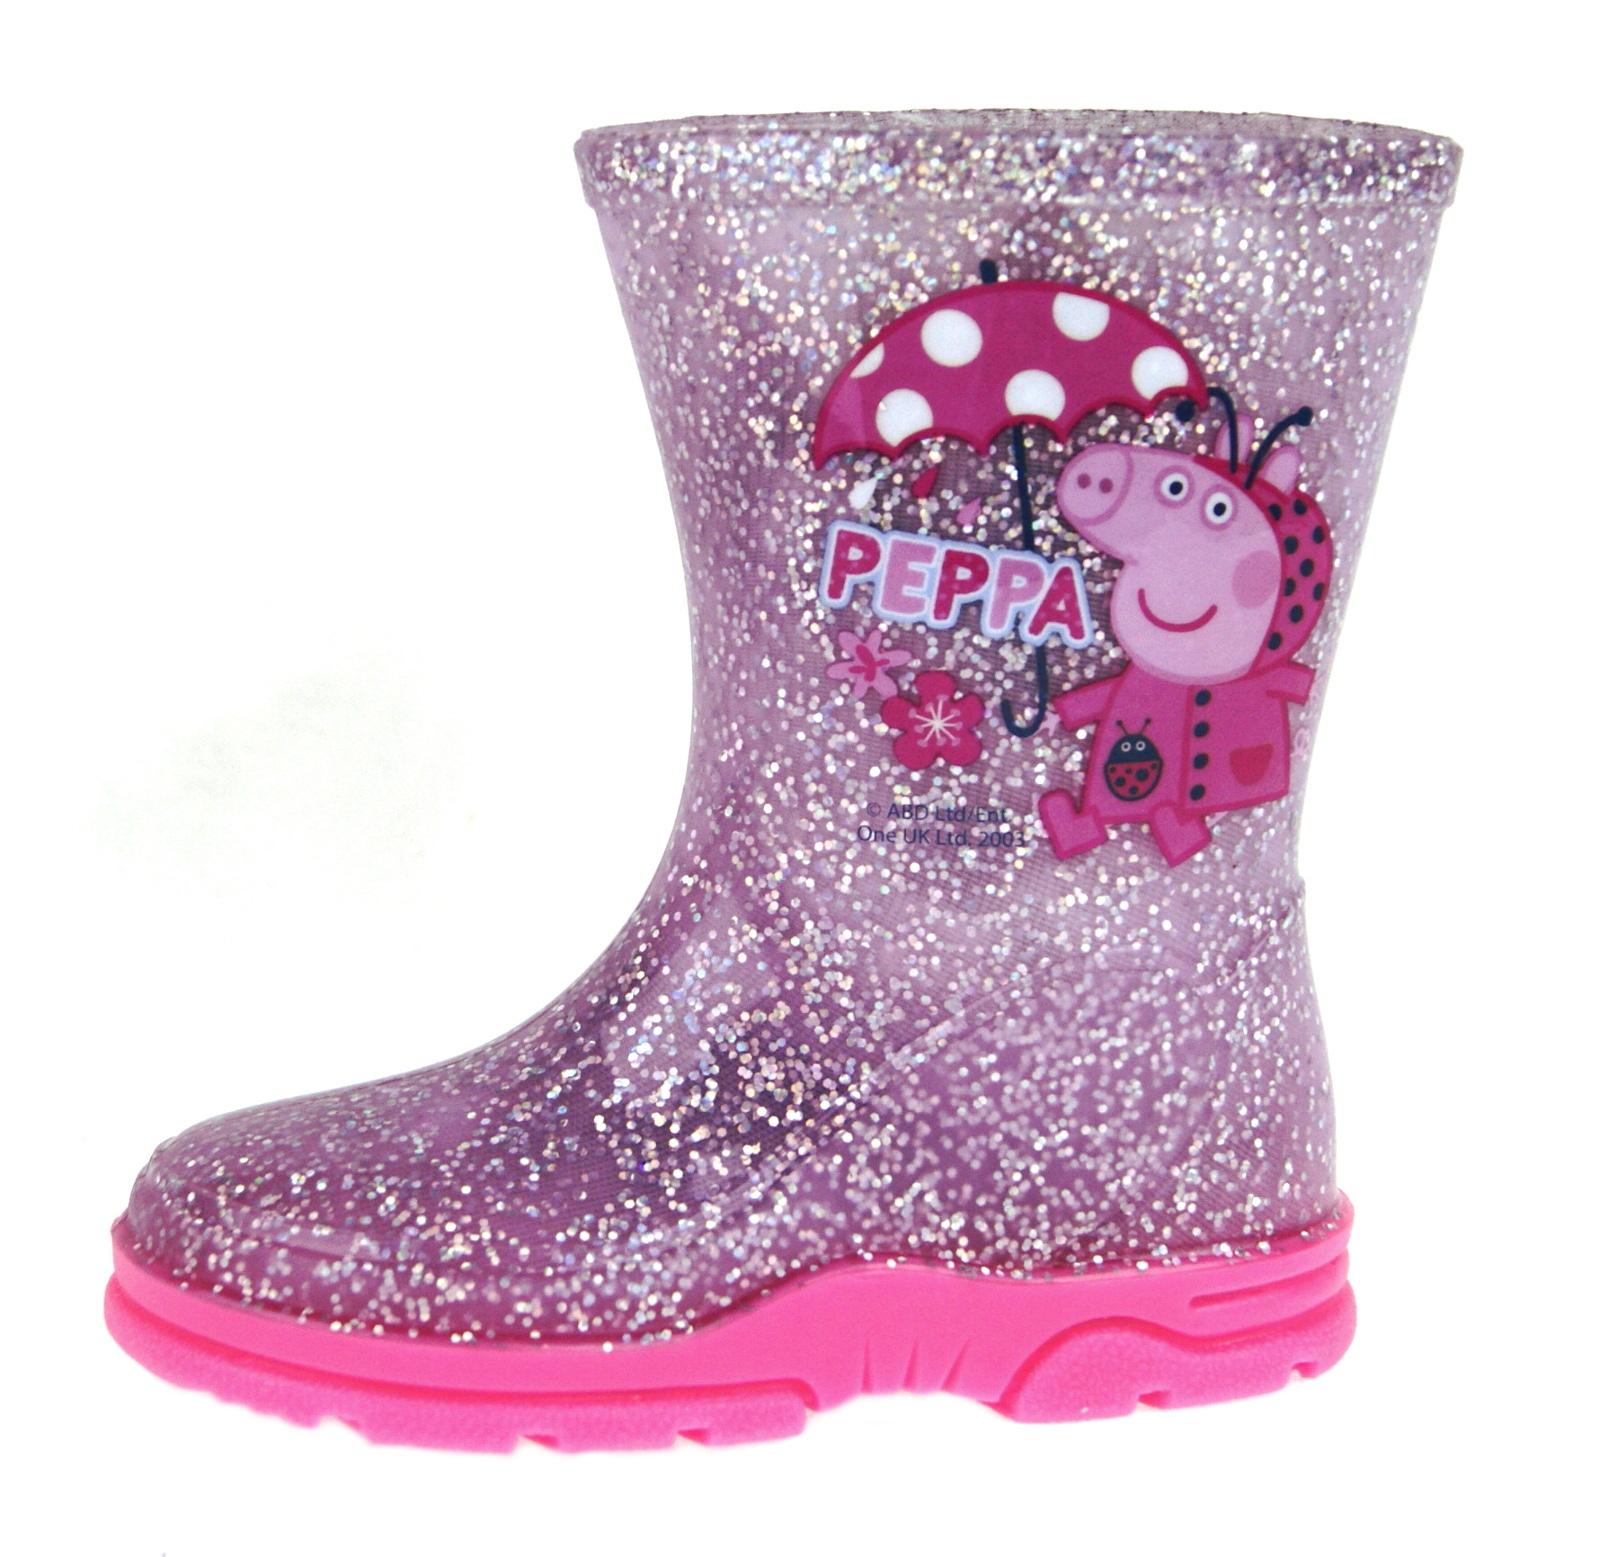 Girls-Peppa-Pig-Wellington-Boots-Mid-Calf-Gitter-Snow-Rain-Wellies-Kids-Size Indexbild 24